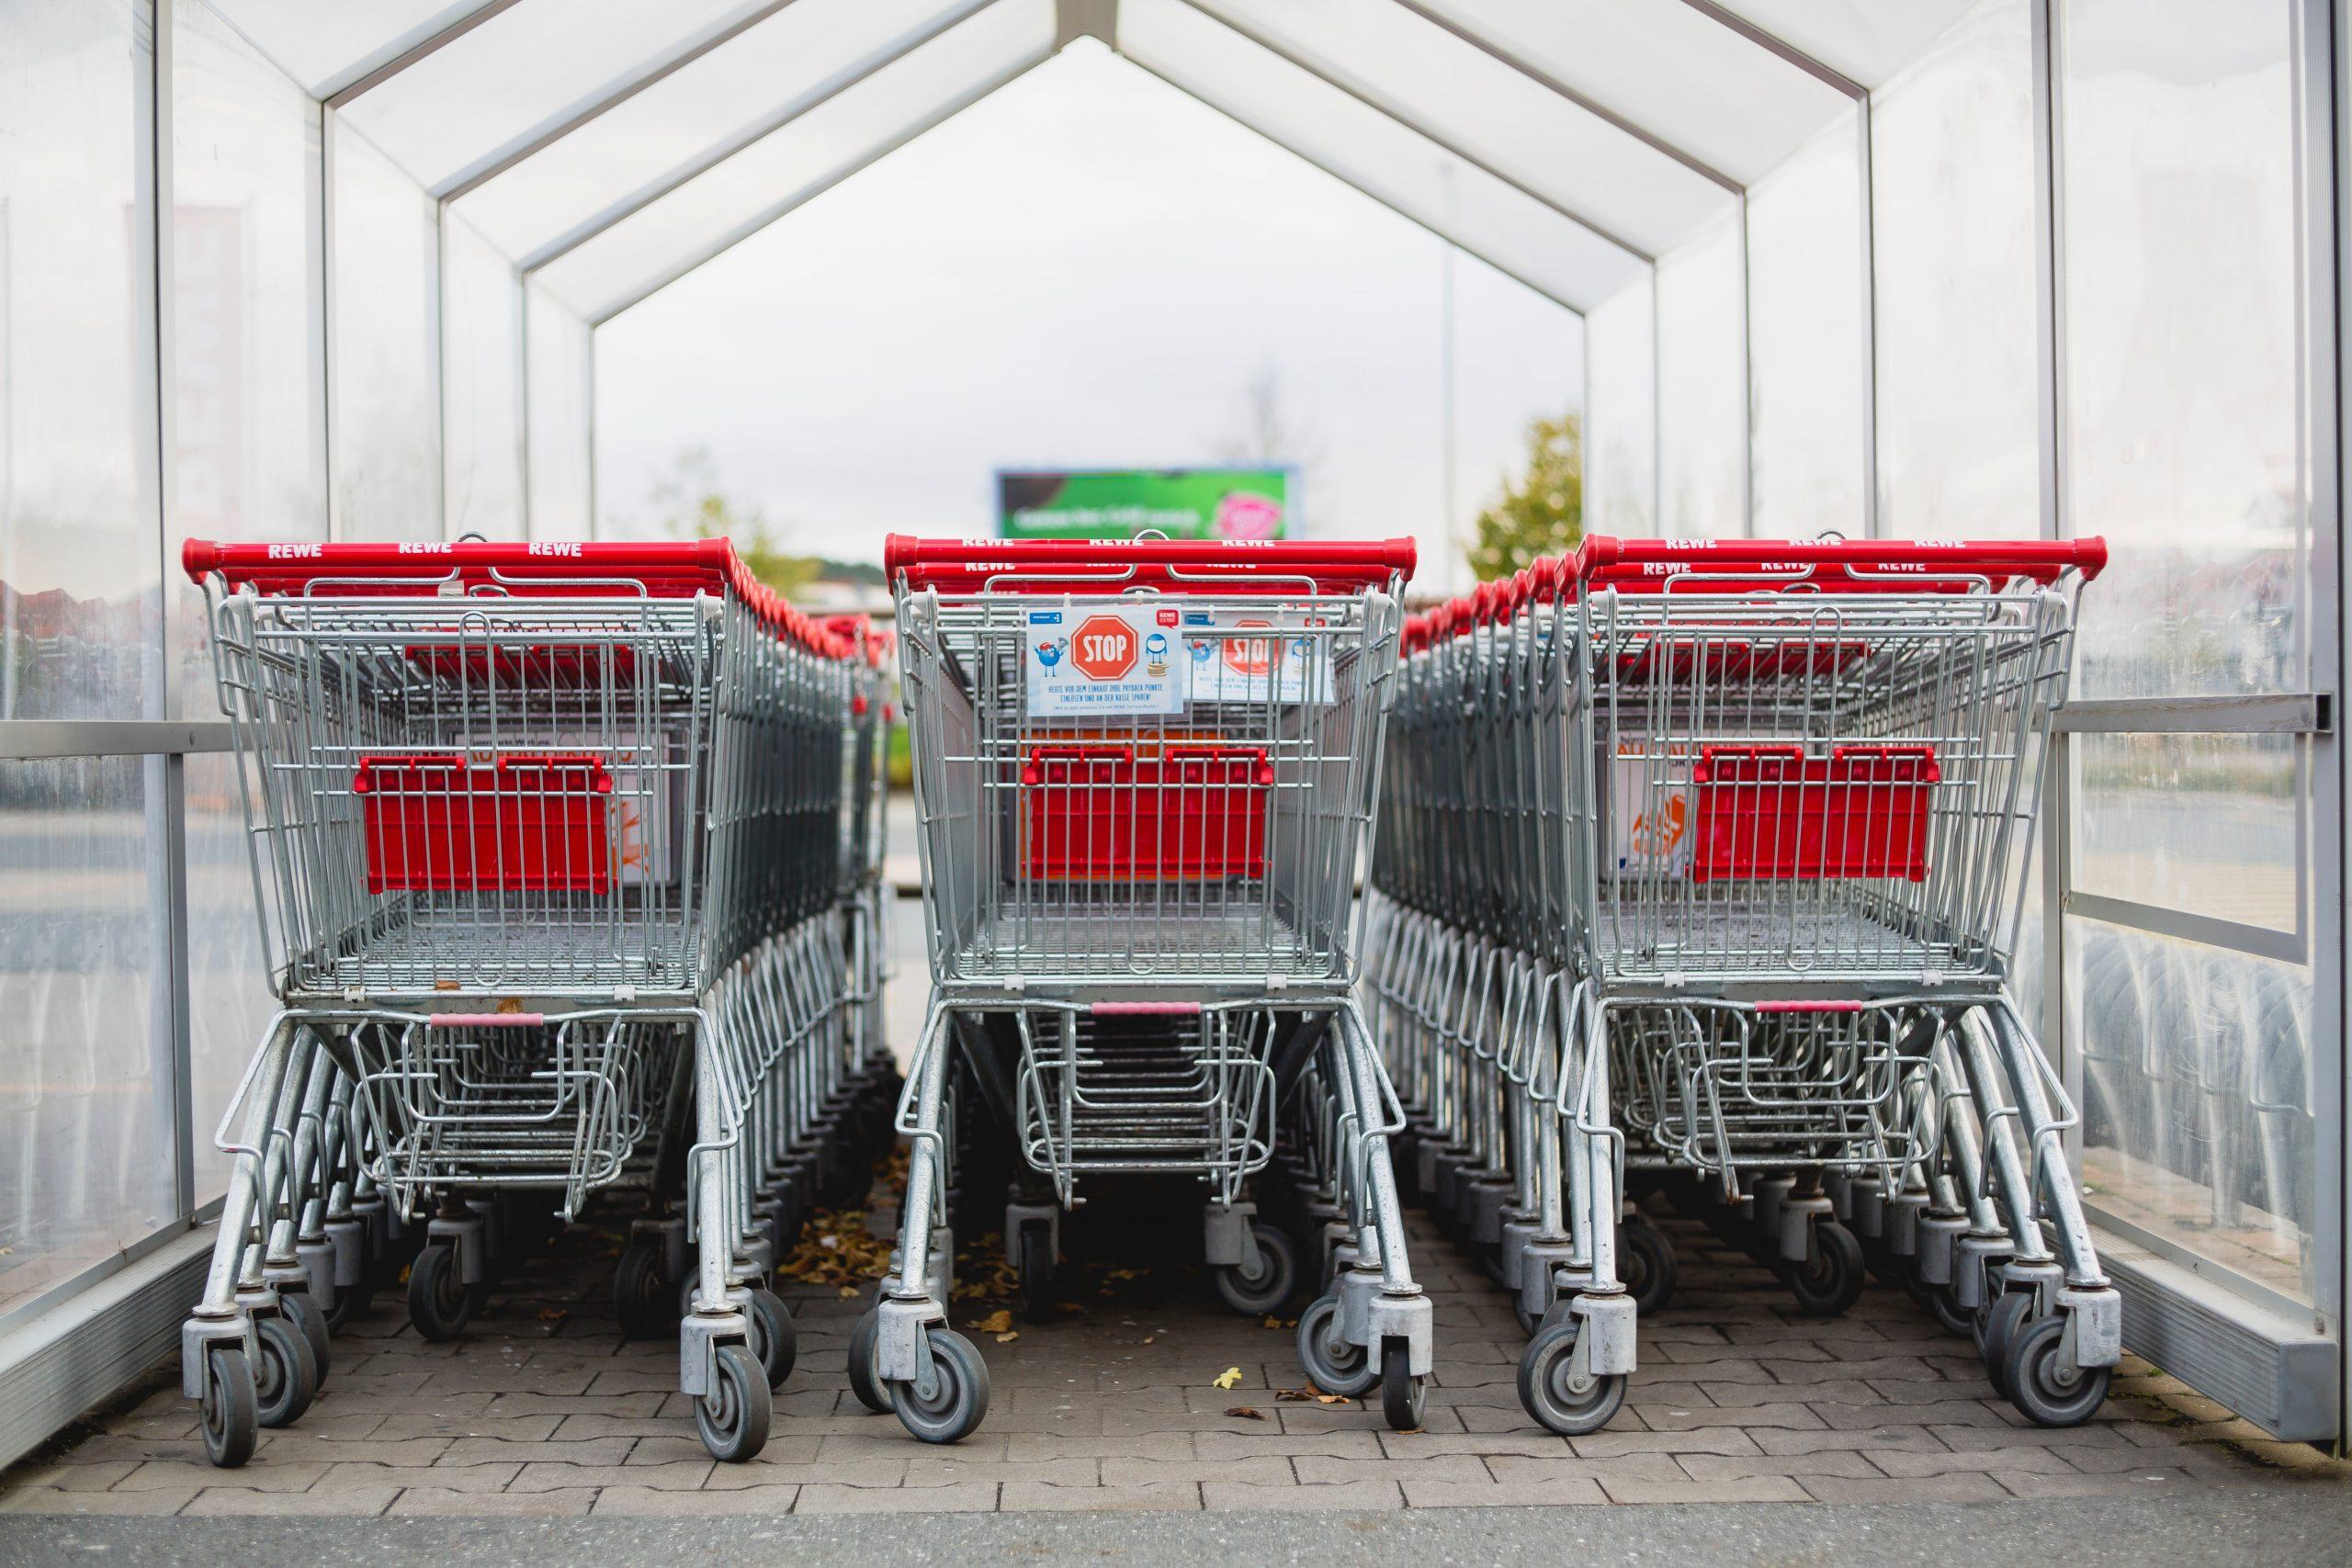 W jaki sposób technologie dla branży retail mogą pomóc innowacjom w świecie po pandemii